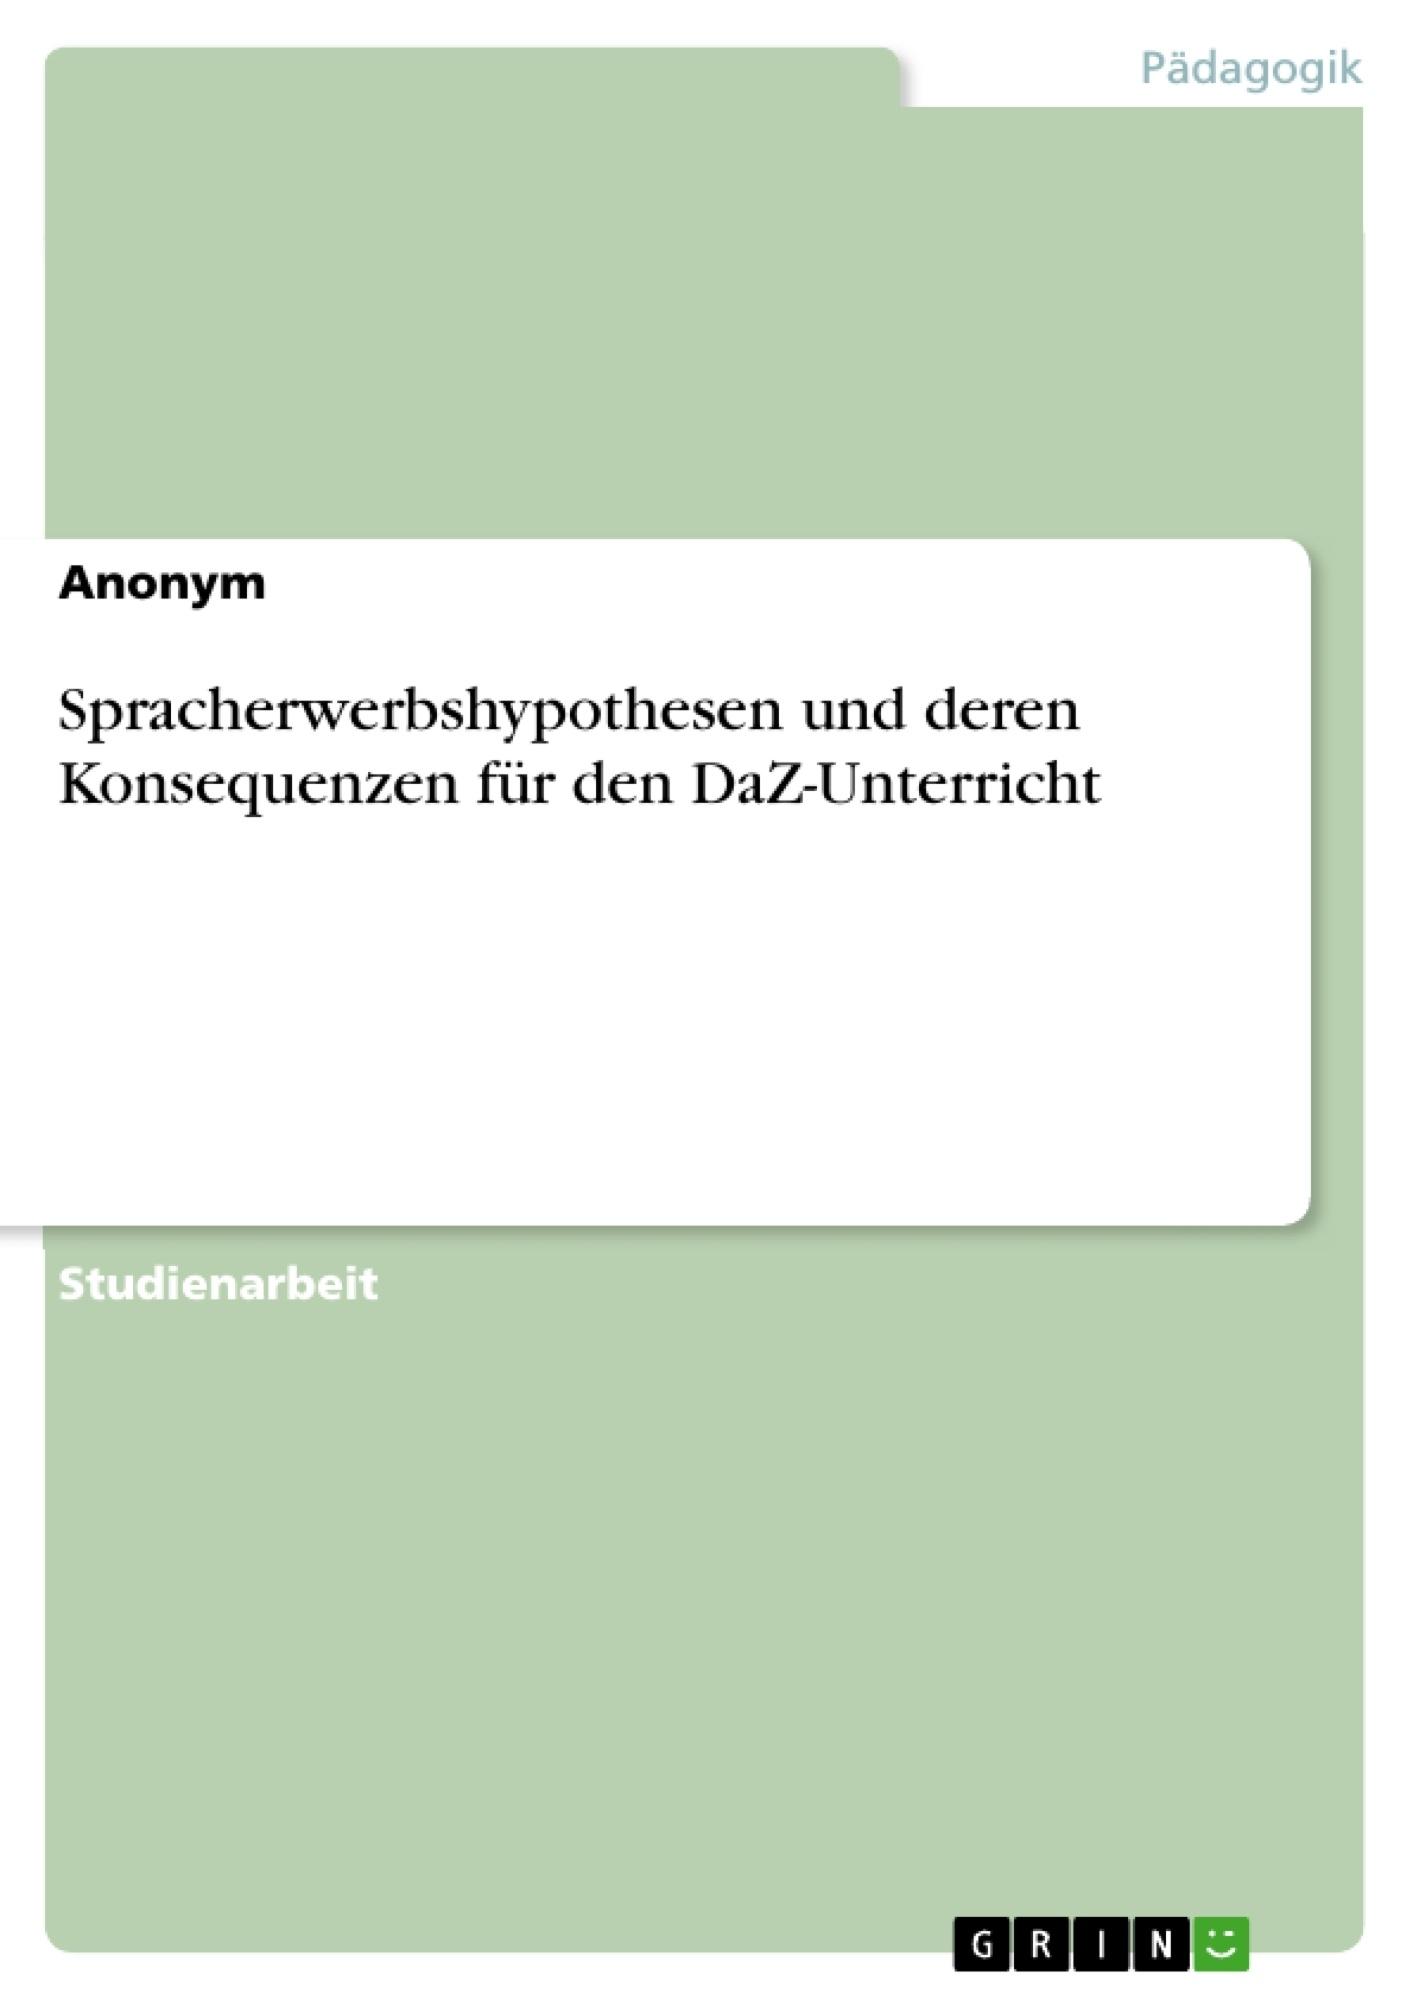 Titel: Spracherwerbshypothesen und deren Konsequenzen für den DaZ-Unterricht